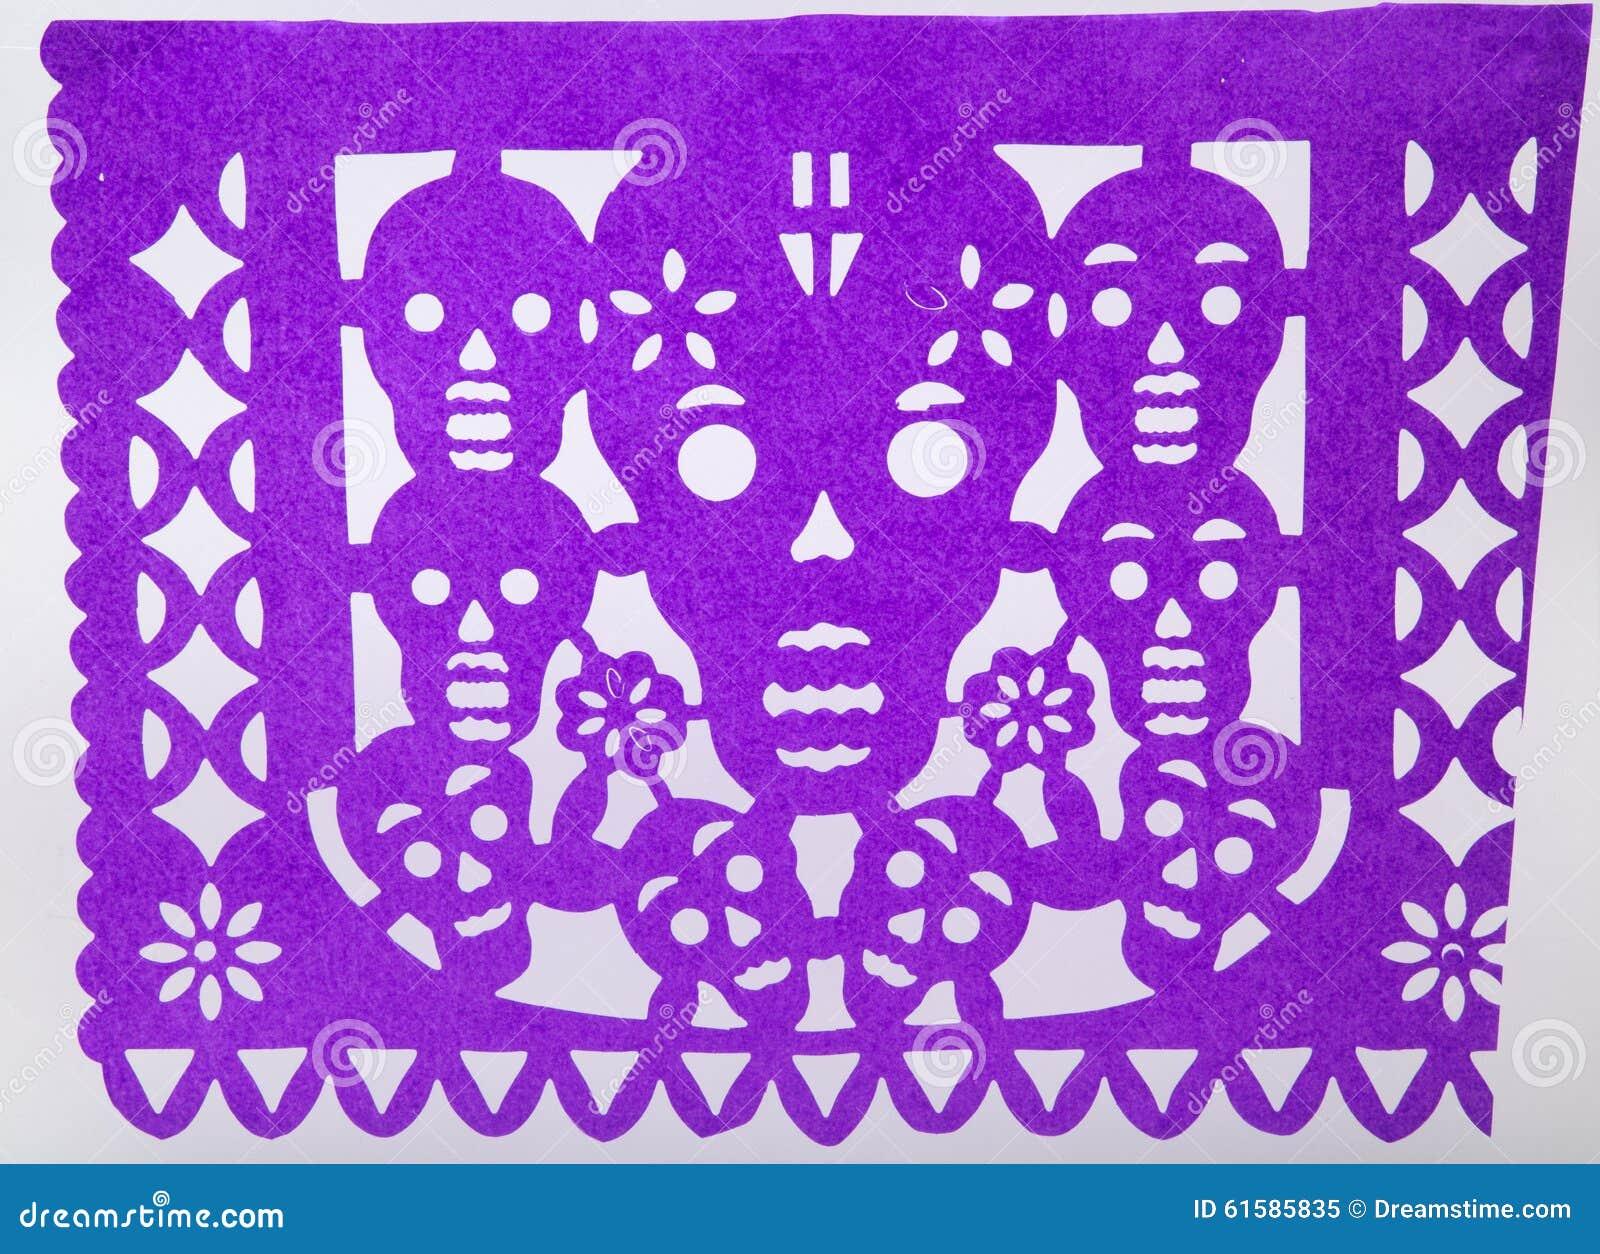 ... de las ofrendas que ofrecían catrina de los cráneos de los calaveras